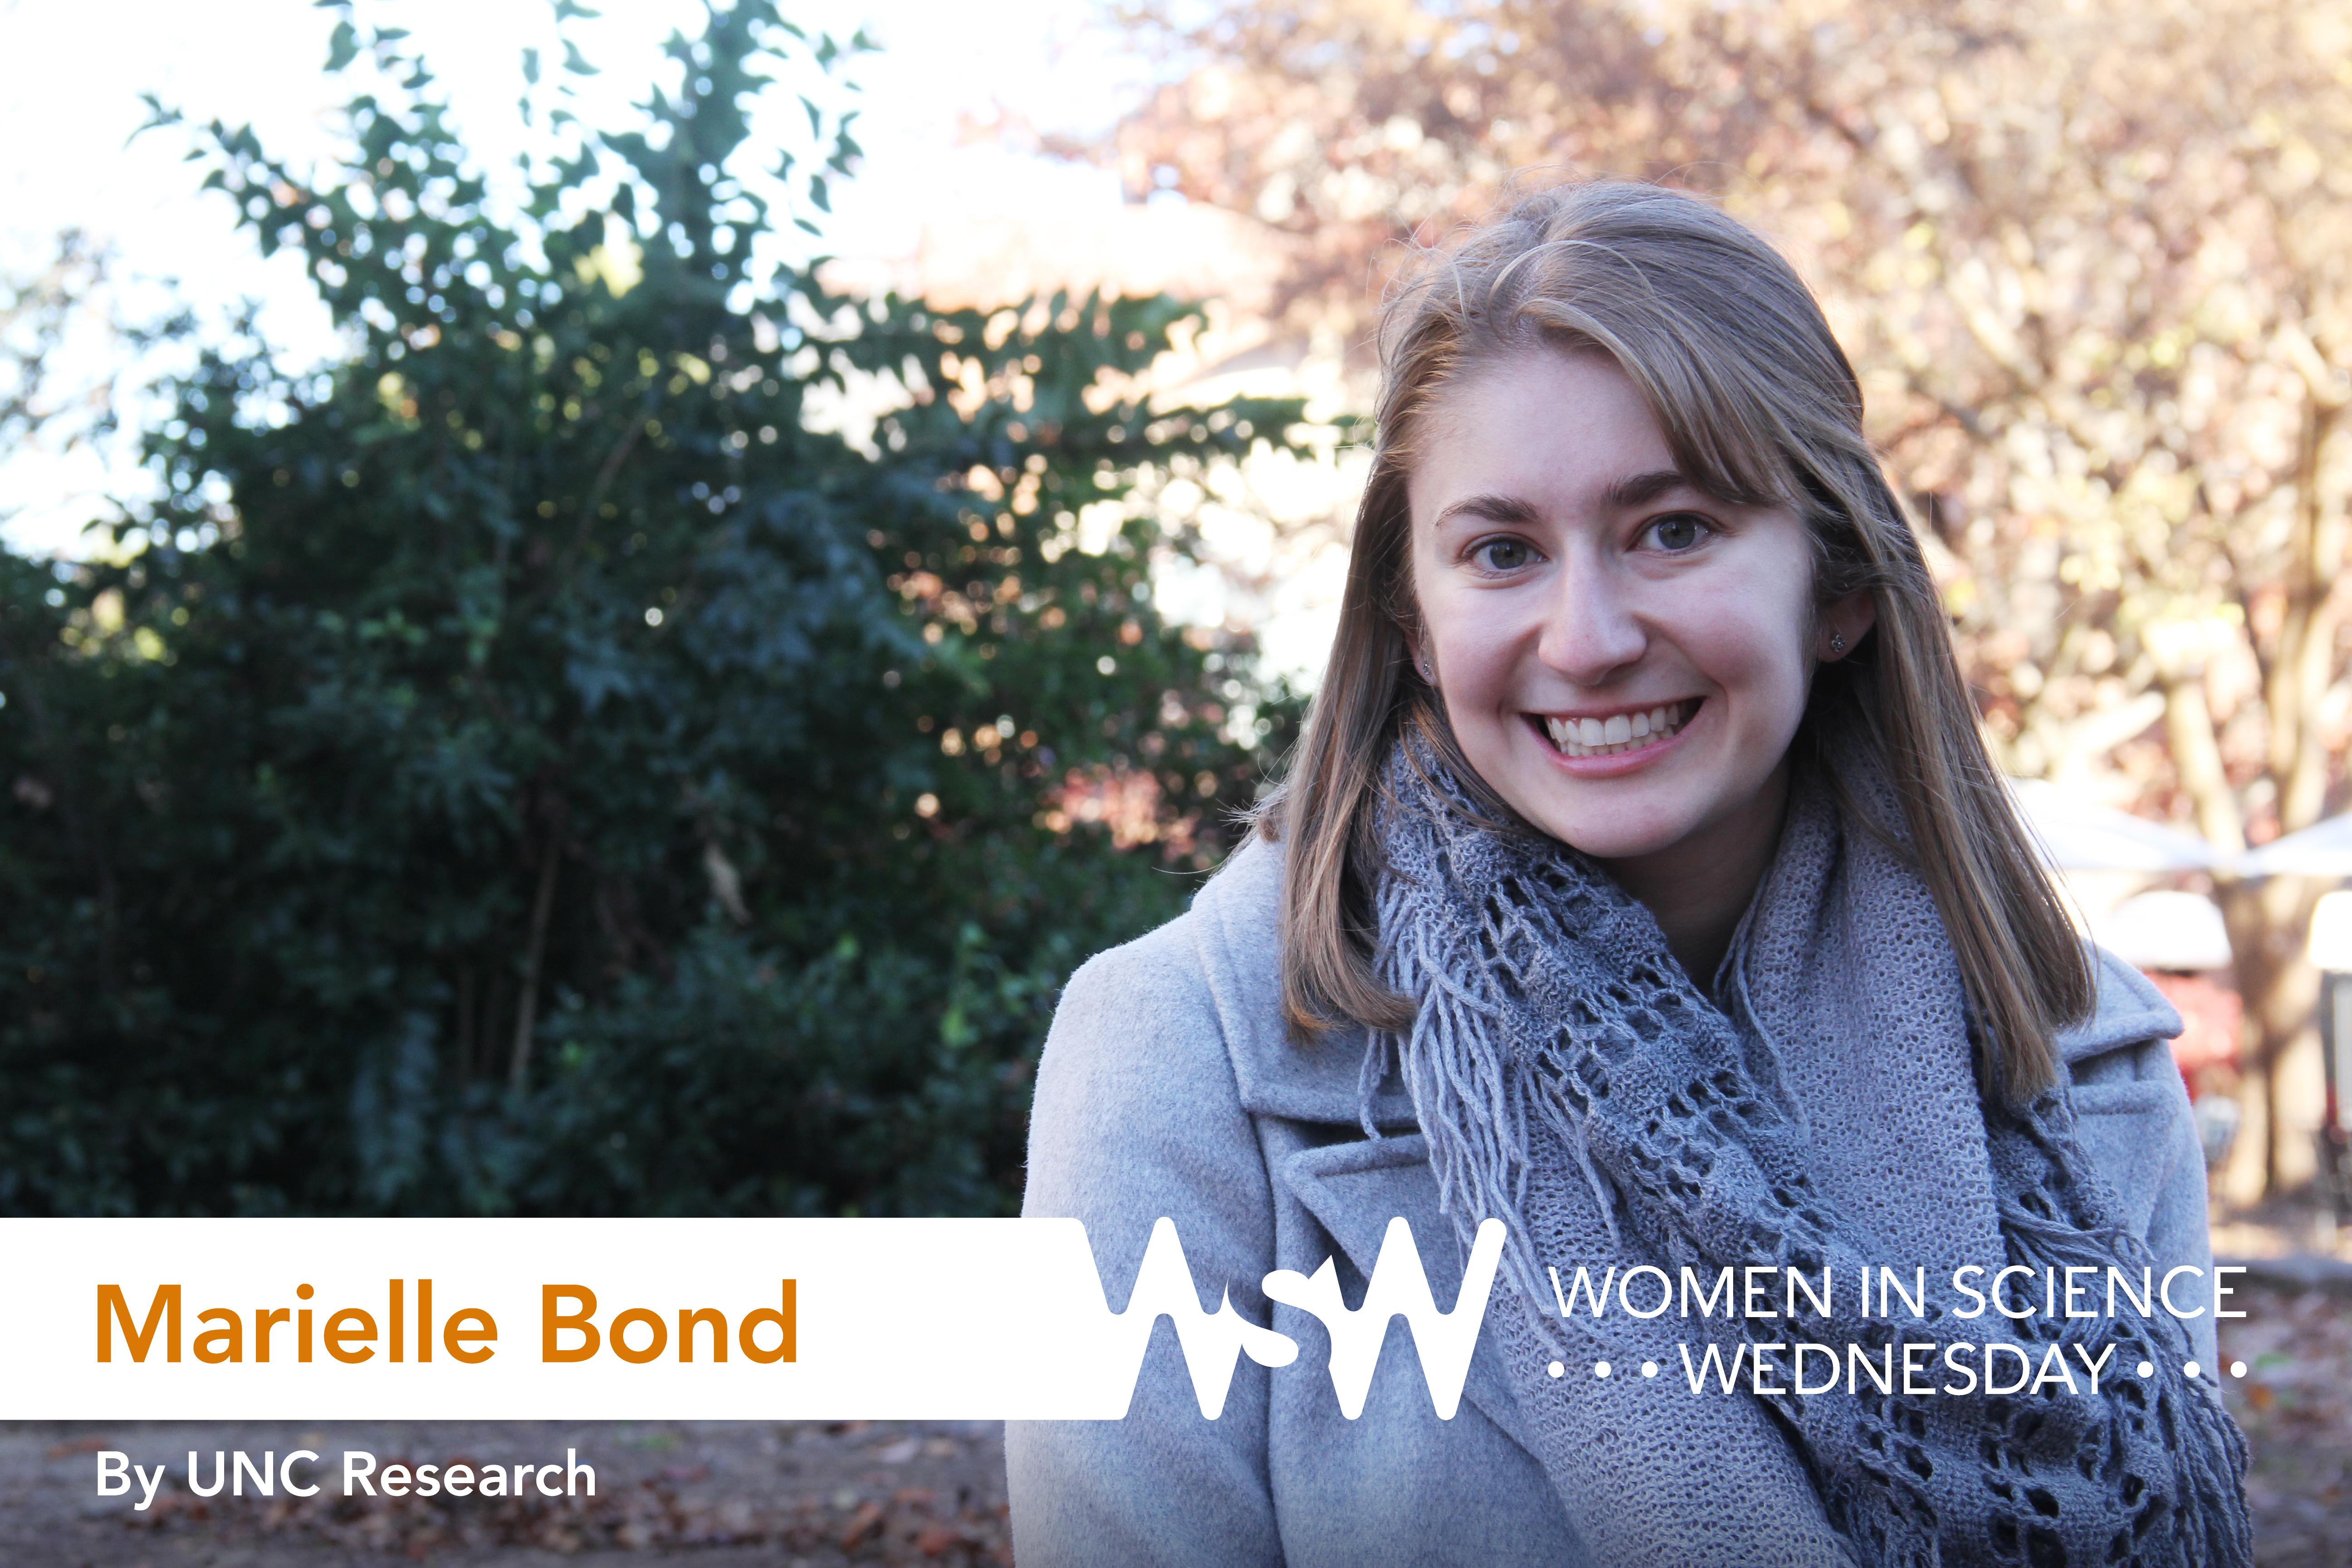 Portrait of Marielle Bond on campus.